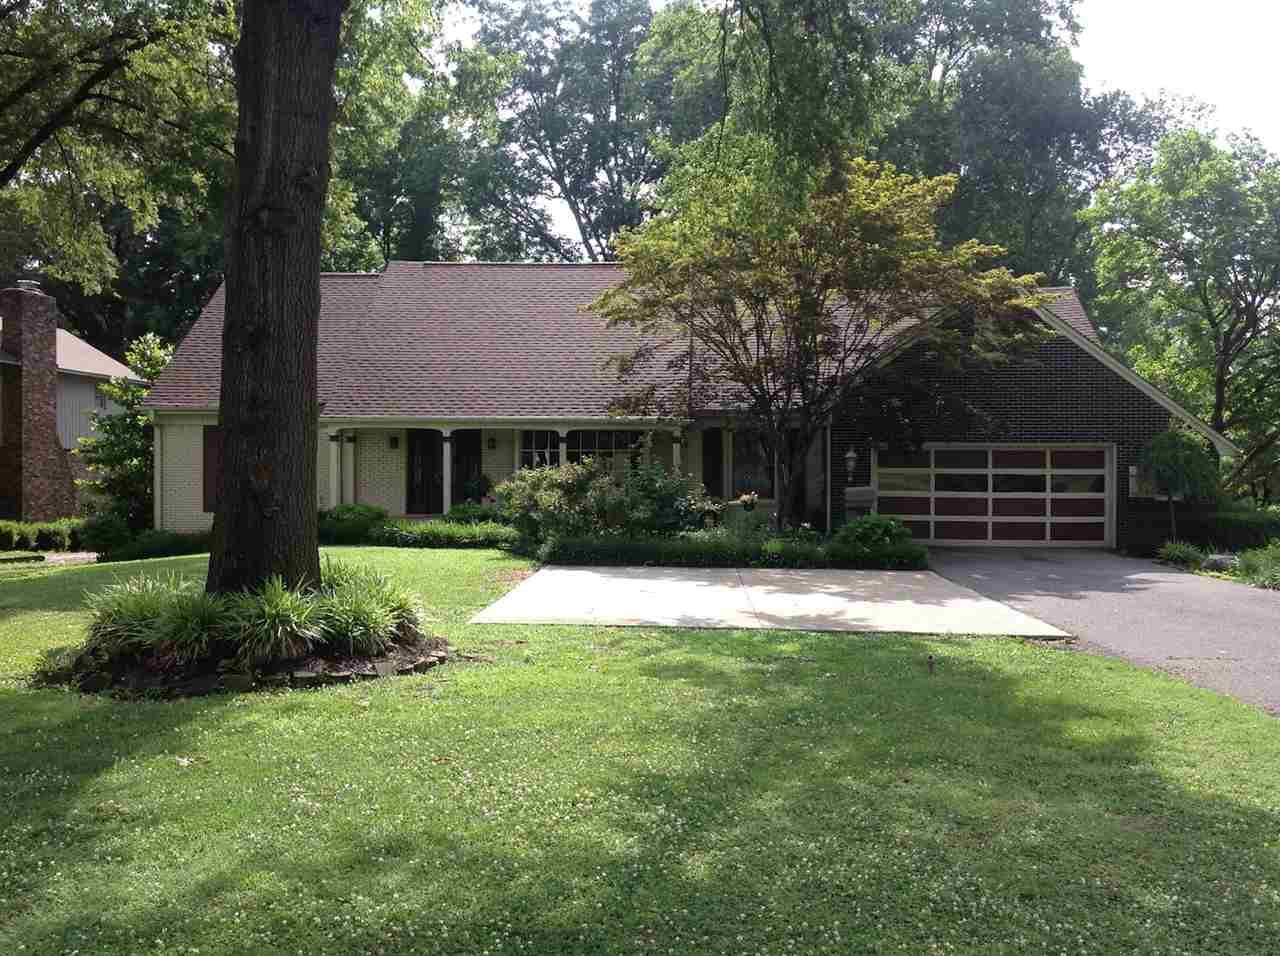 1846 Lake Road,Dyersburg,Tennessee 38024-2468,5 Bedrooms Bedrooms,2 BathroomsBathrooms,Residential,1846 Lake Road,183287